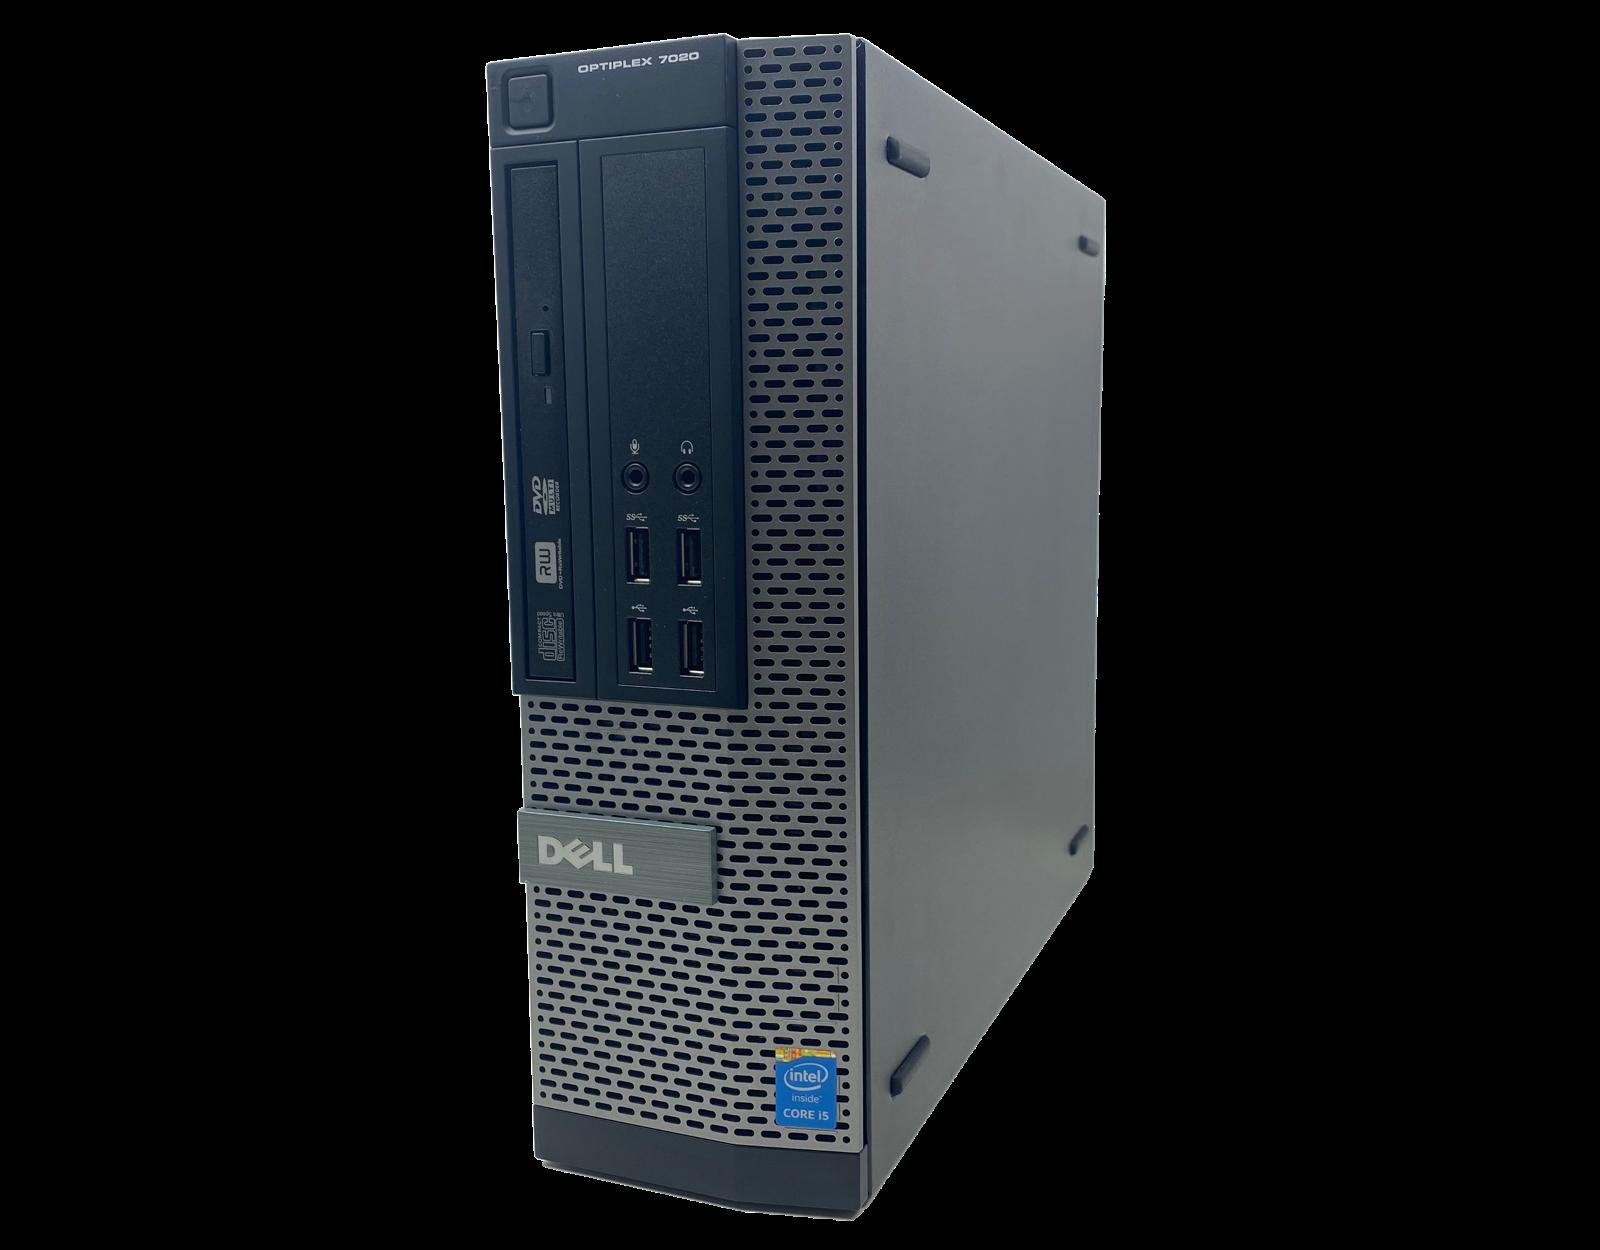 Komputer stacjonarny Dell Optiplex 7020 SFF i5 - 4590 / 8GB / 240 GB SSD / GTX 1050 Ti / DVD / Klasa A + Windows 10 Home - 4